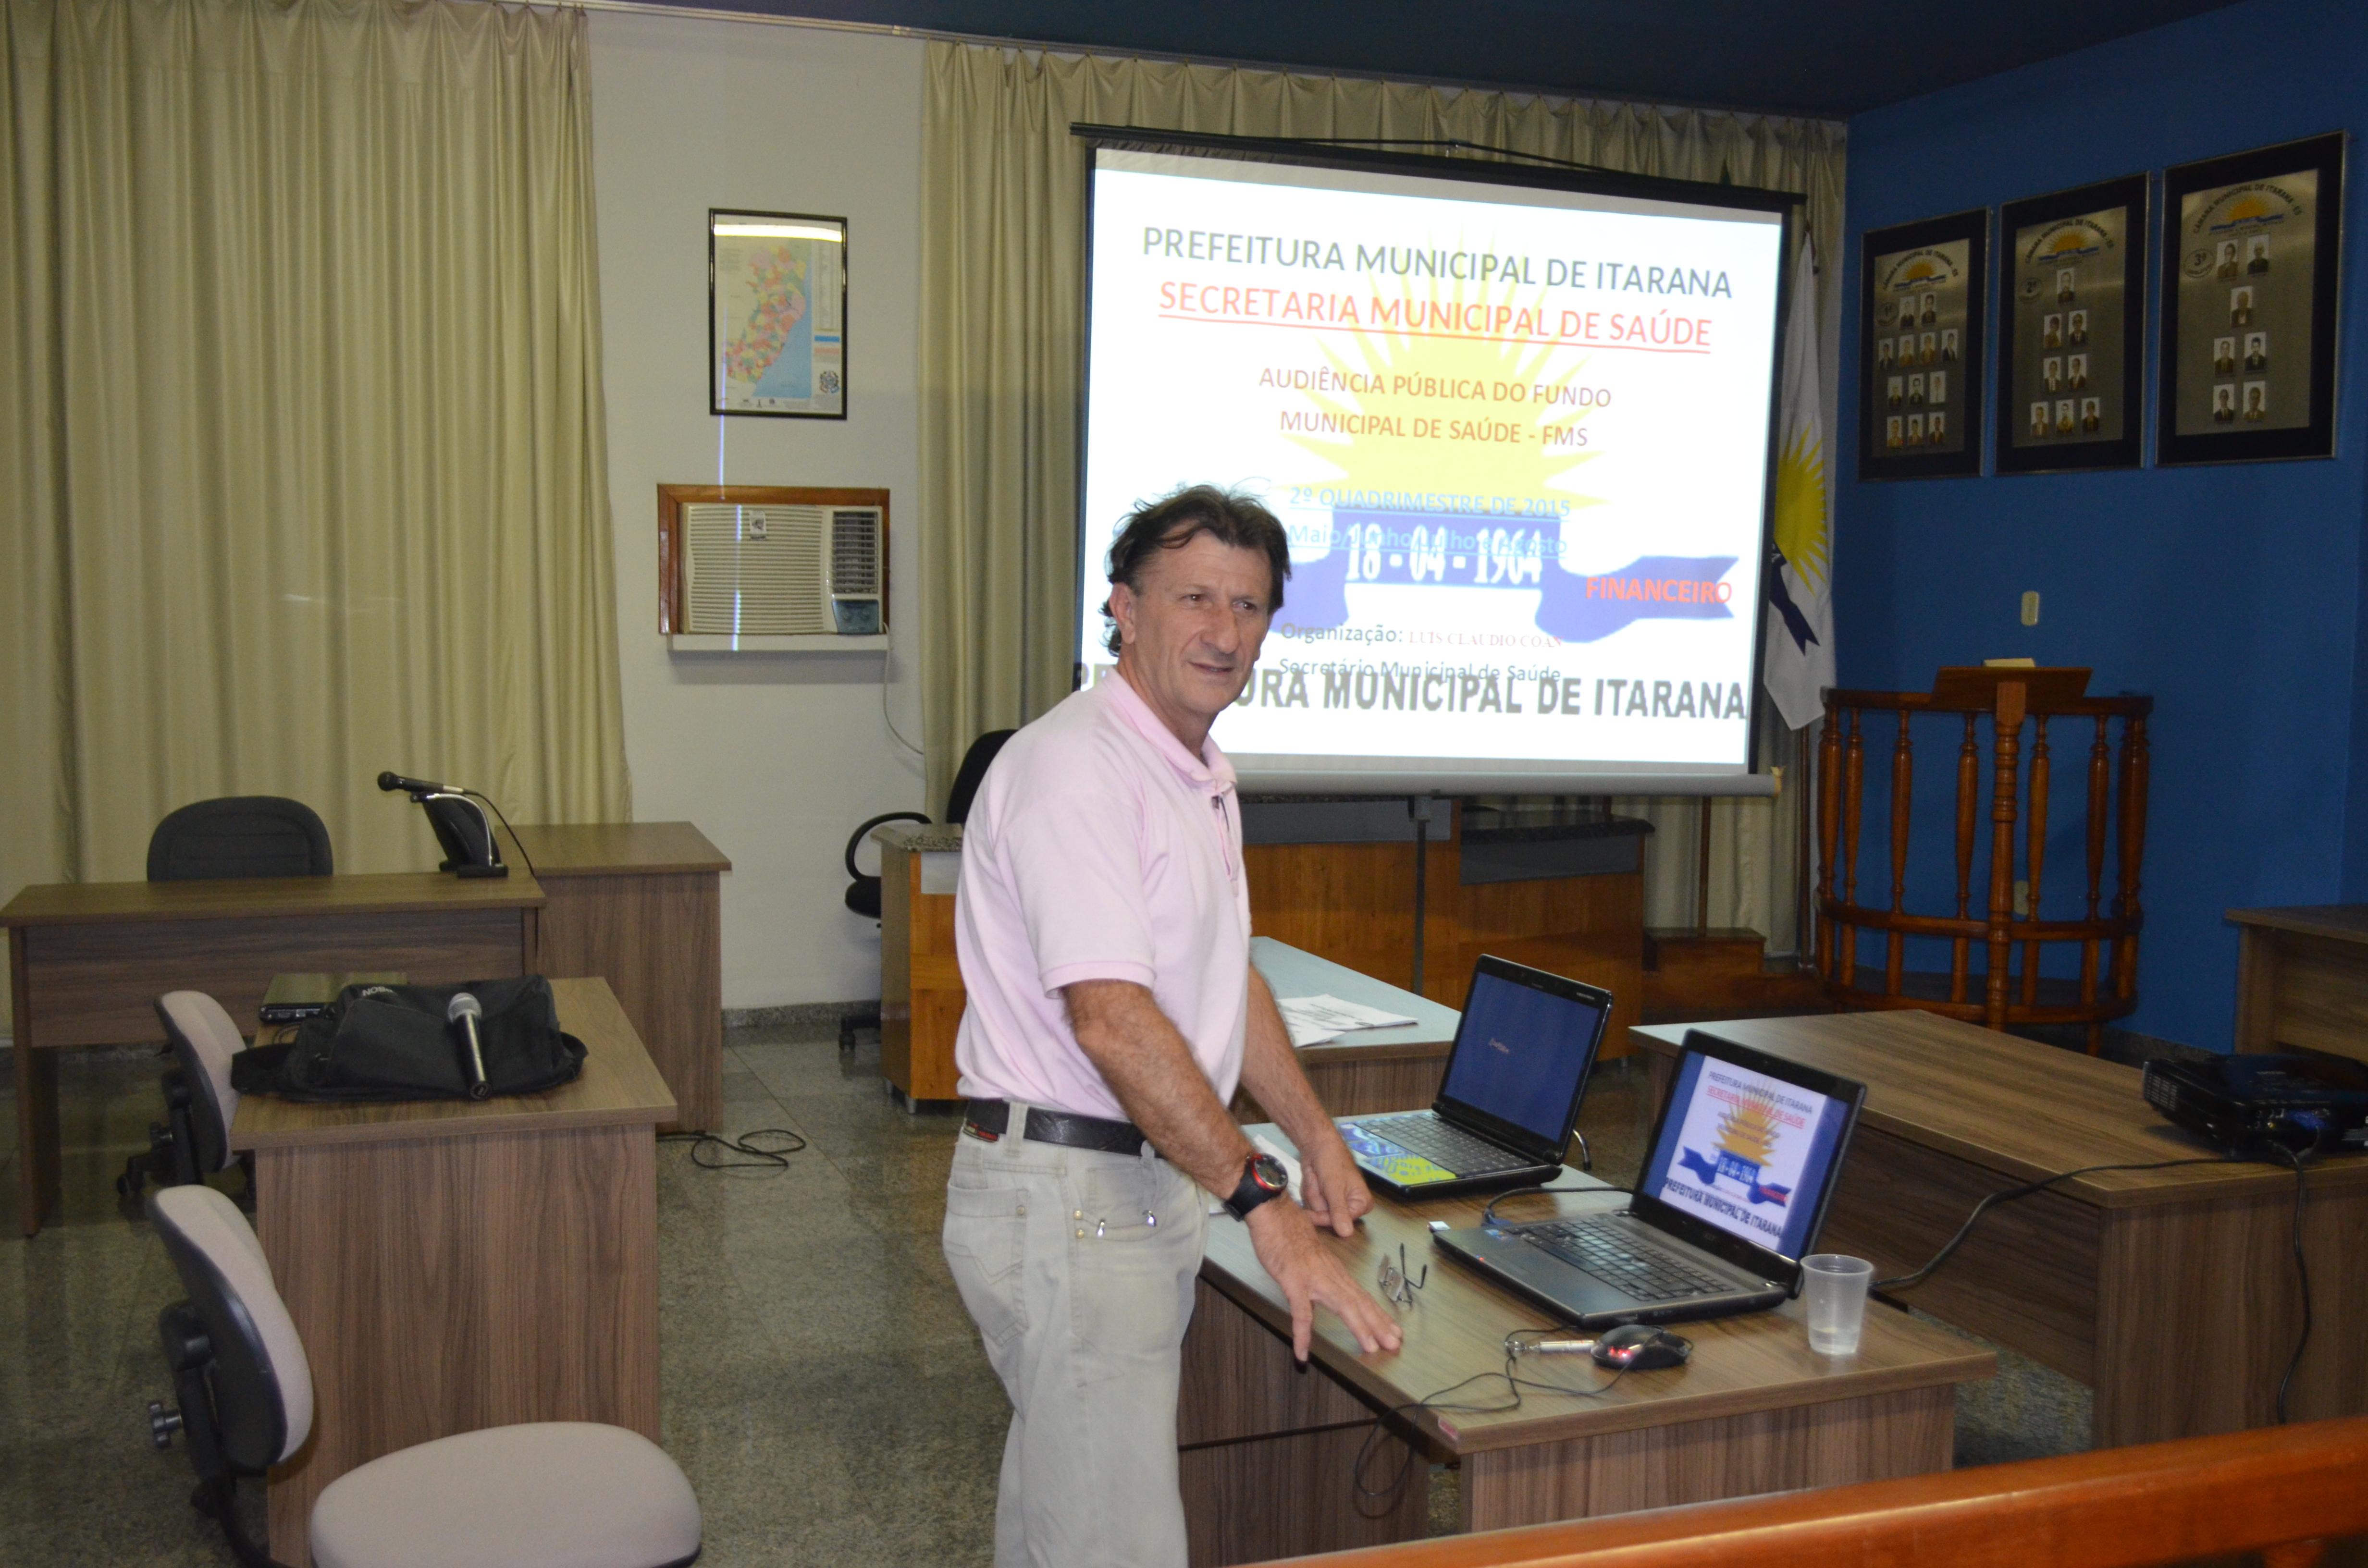 Secretaria de Saúde promoveu audiência pública para apresentar prestação de contas